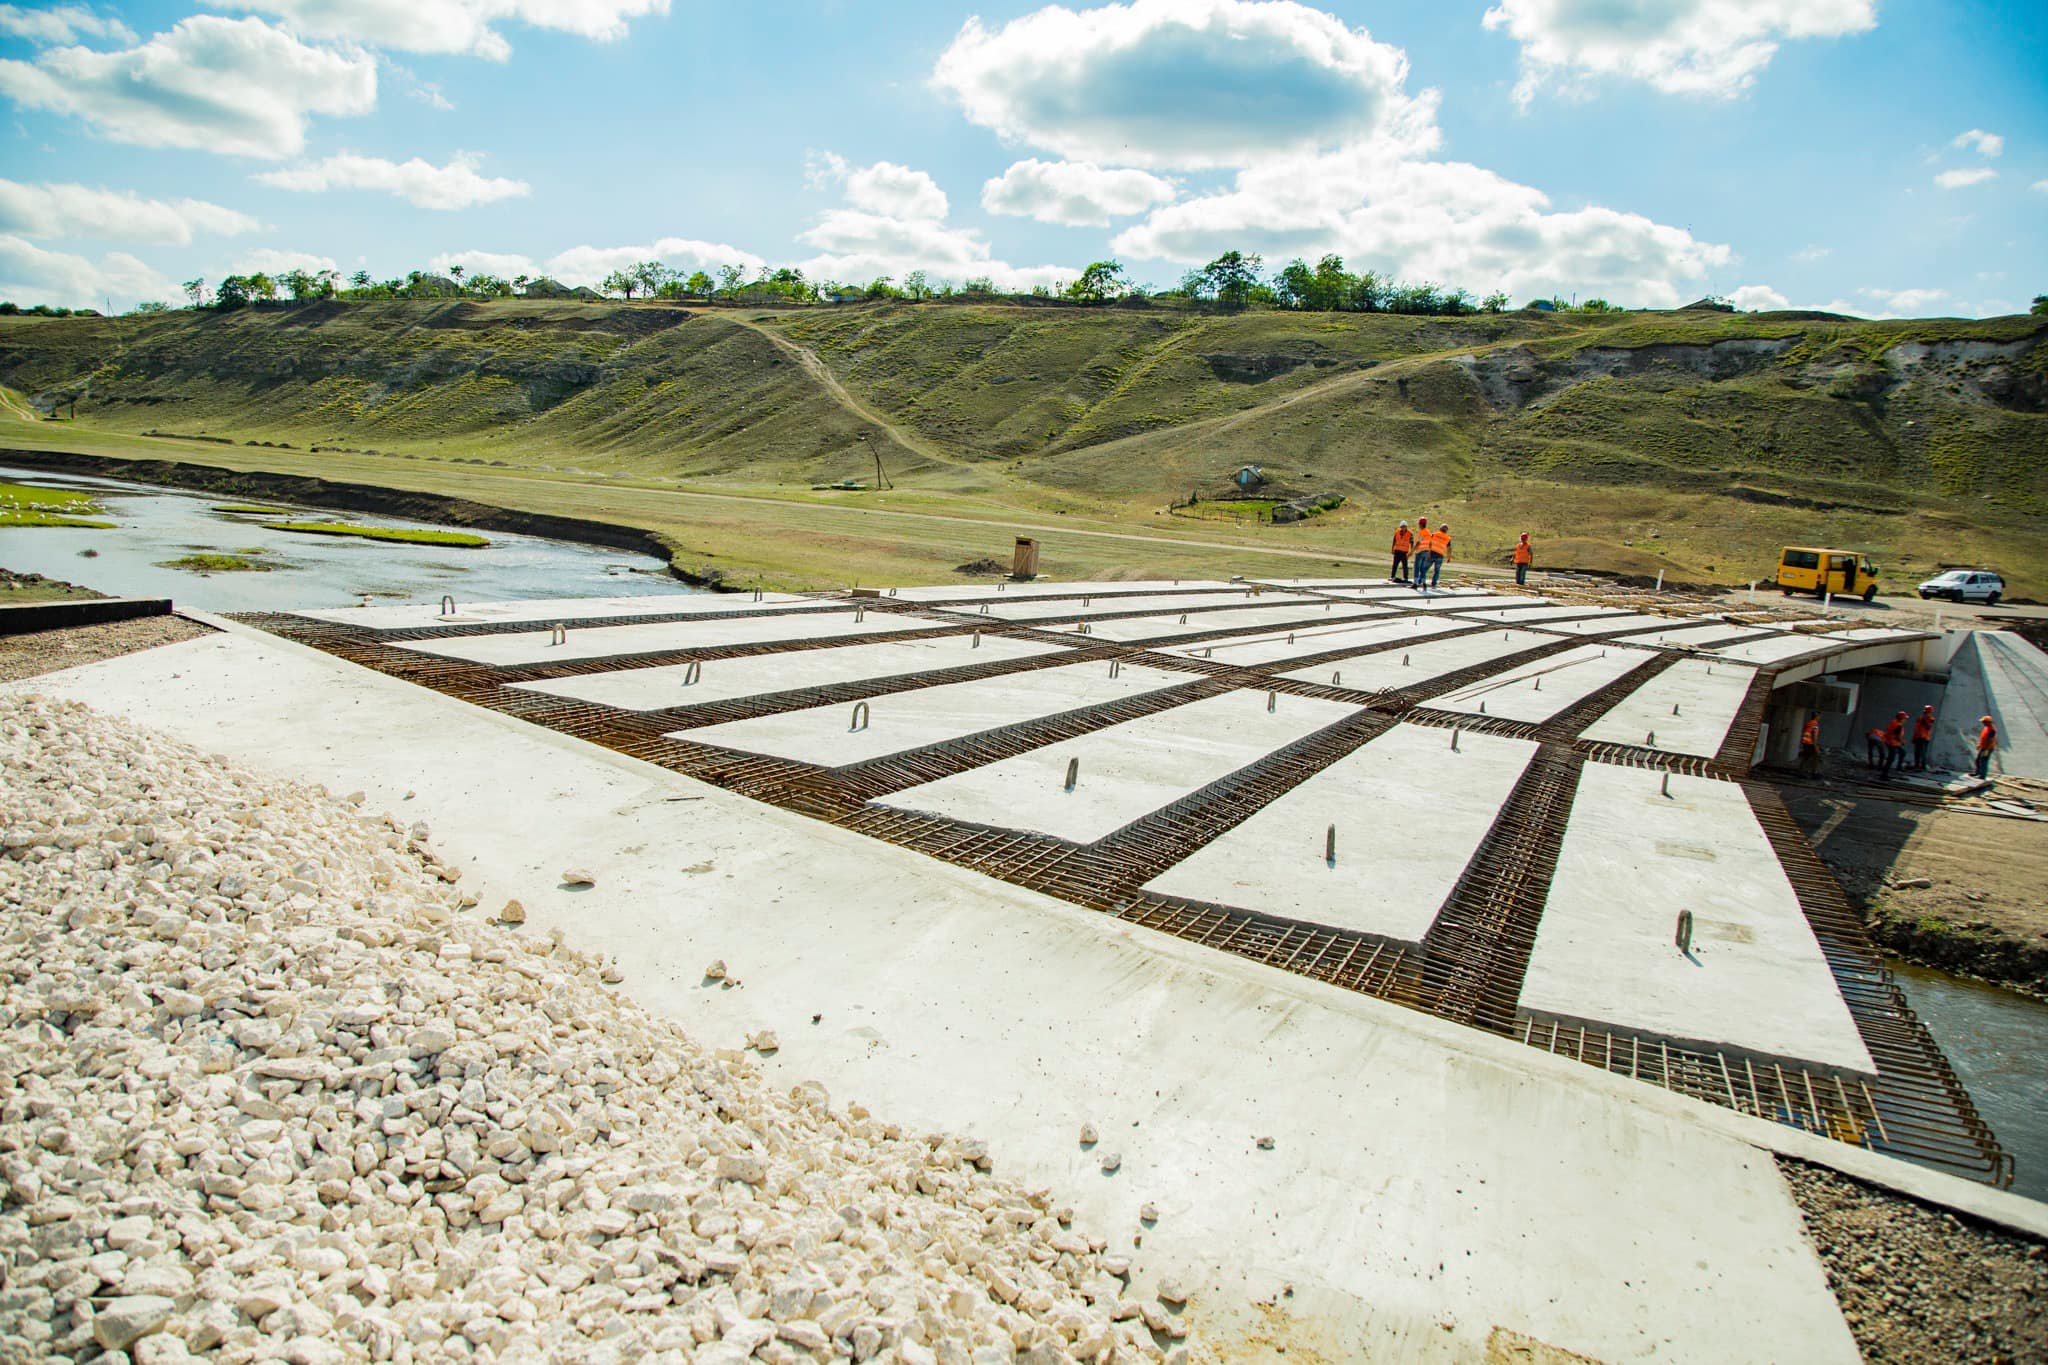 Глава государства проинспектировал работы по строительству моста через реку Рэут у села Штефэнешть (ФОТО, ВИДЕО)